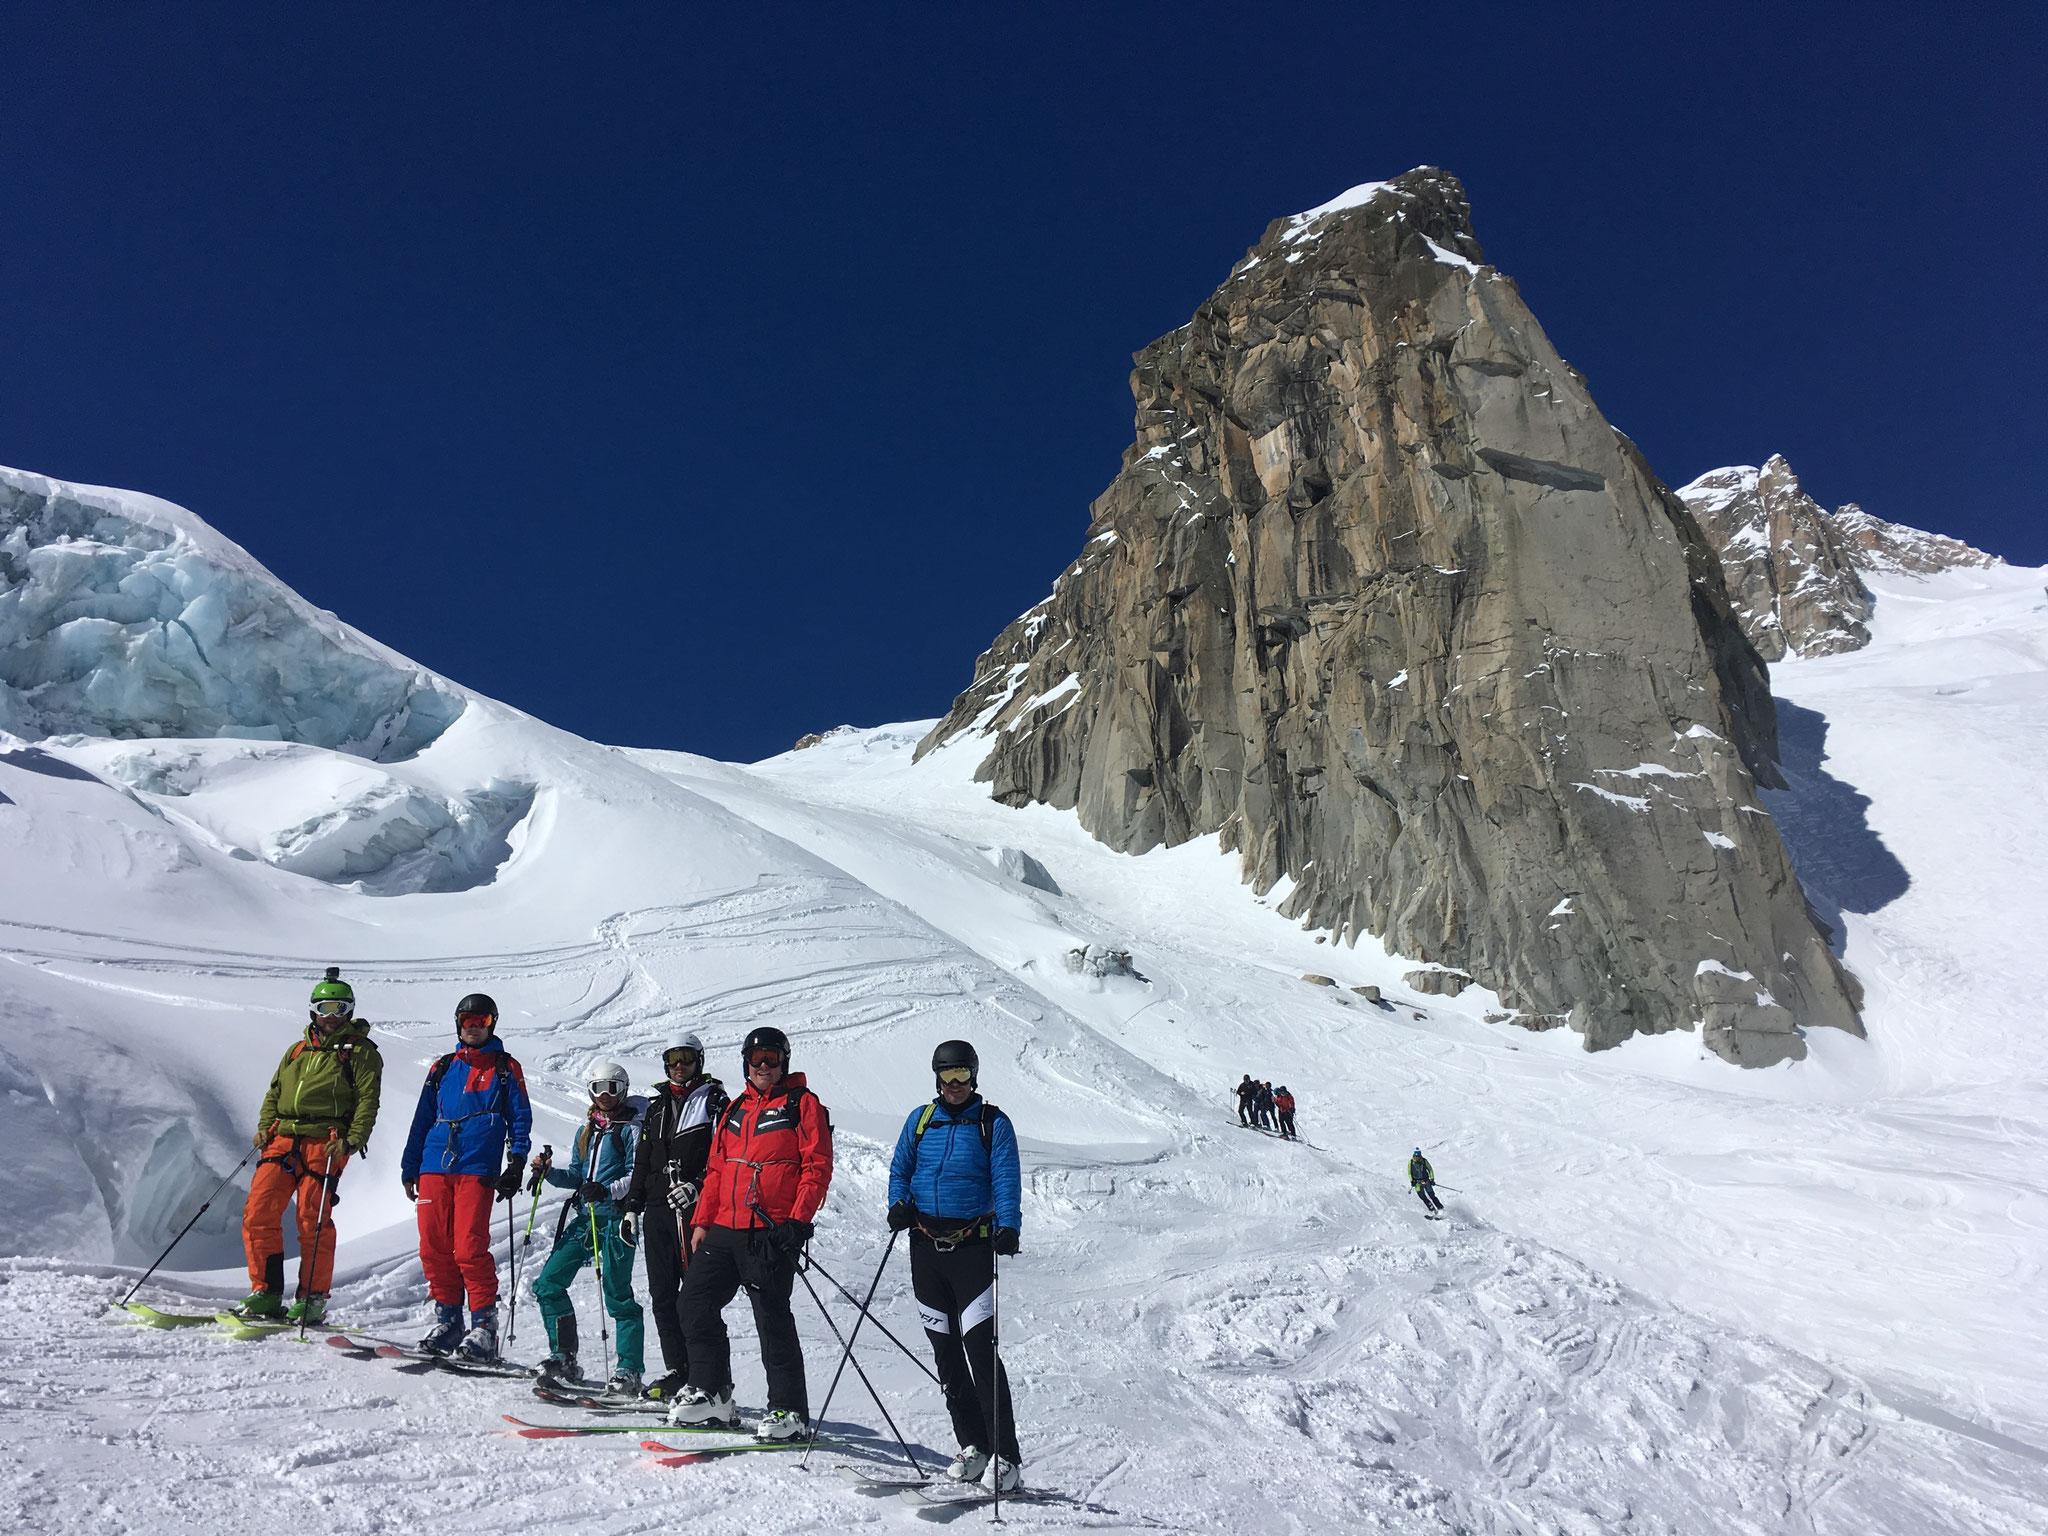 Le team République Tchèque, avant la pause champagne sur le glacier !